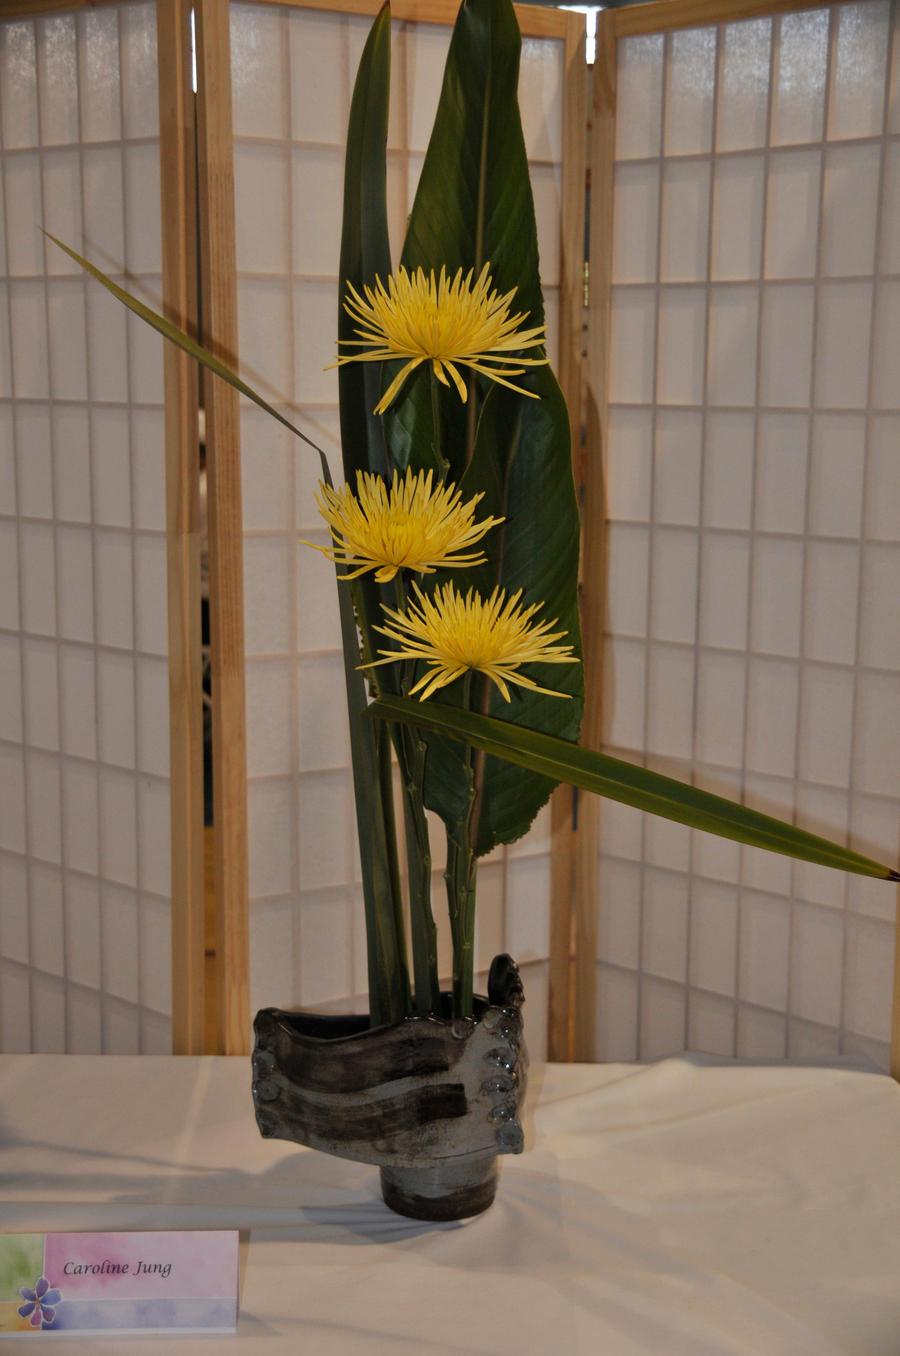 Carol Jung Flower Arrangement